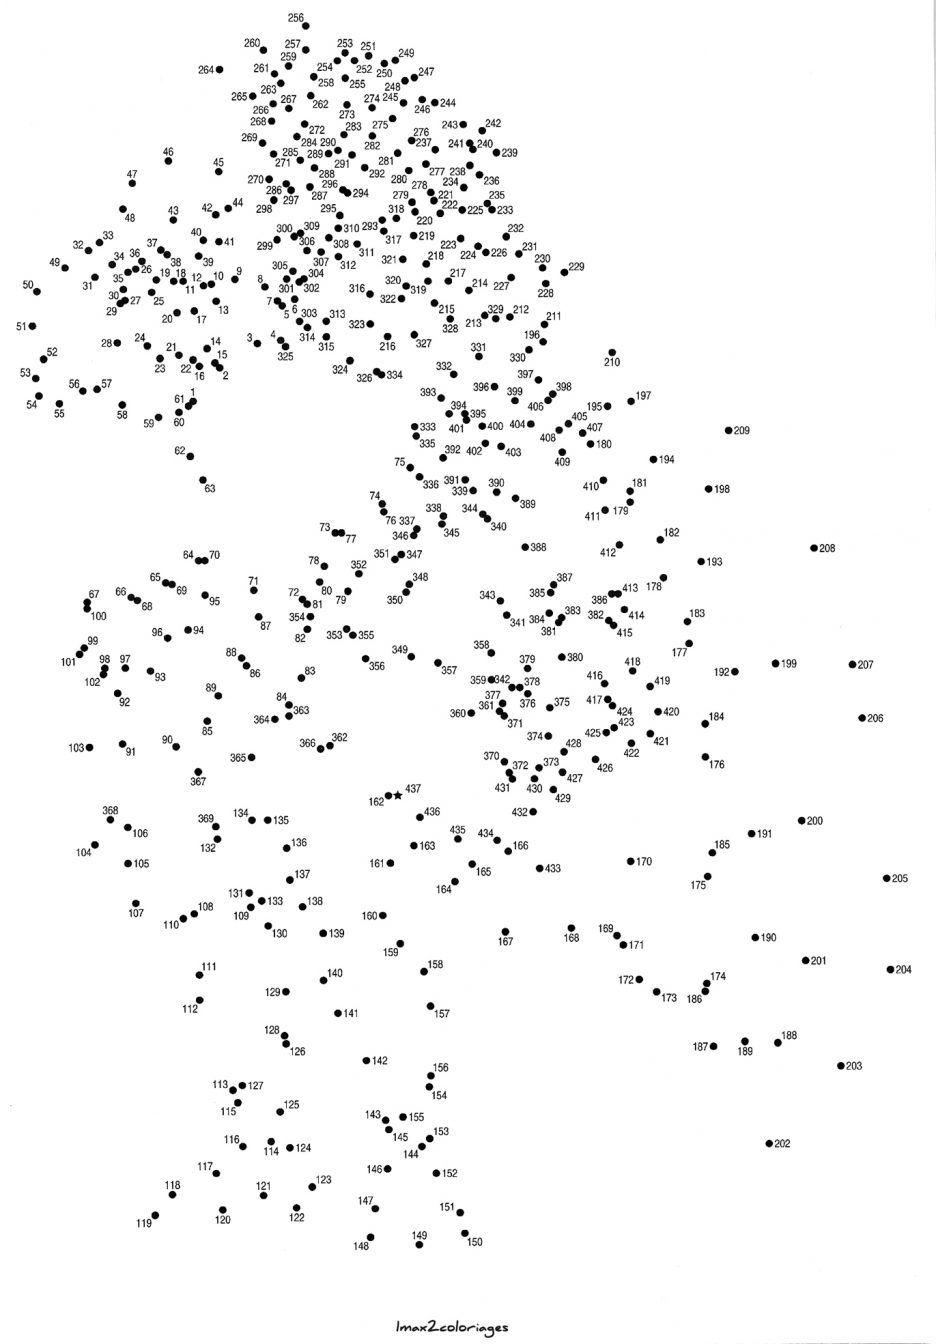 Animaux dessin cerfs relier pour adulte dessin centurion romain point imprimer pointpoint a - Dessin pour anniversaire adulte ...